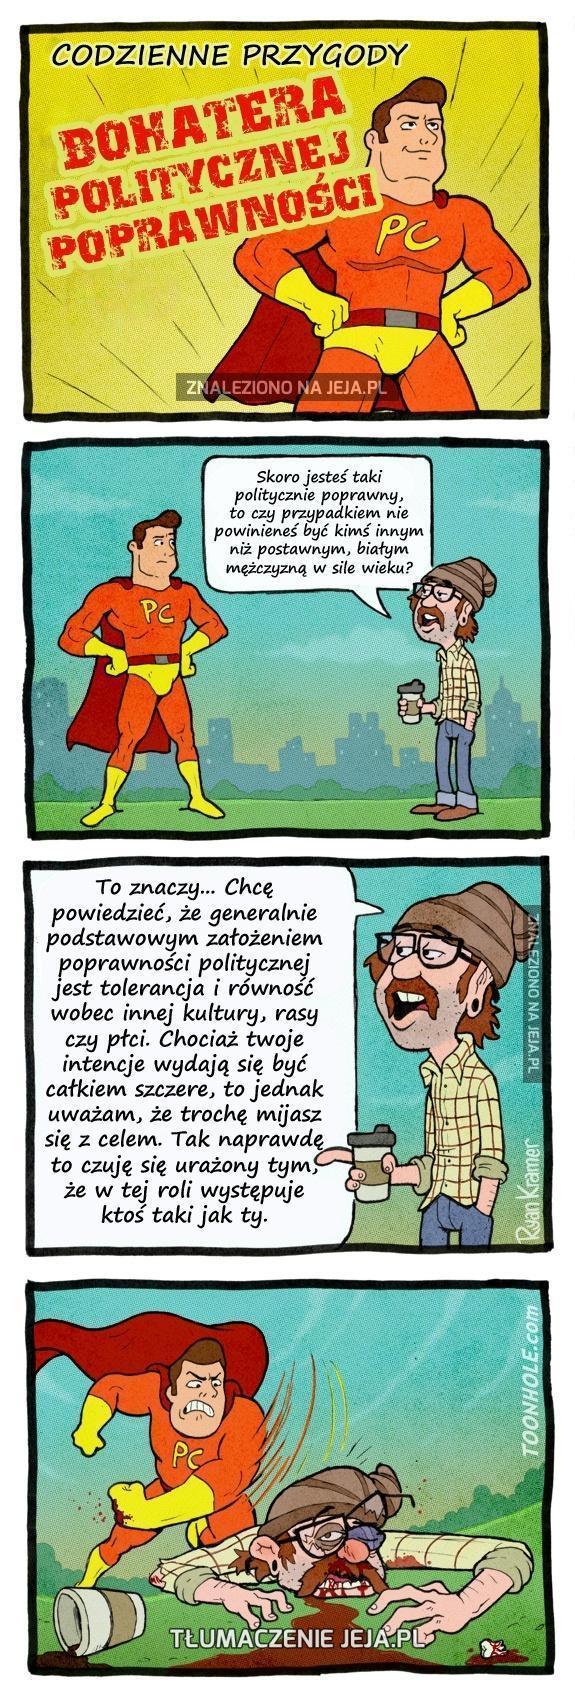 Bohater politycznej poprawności